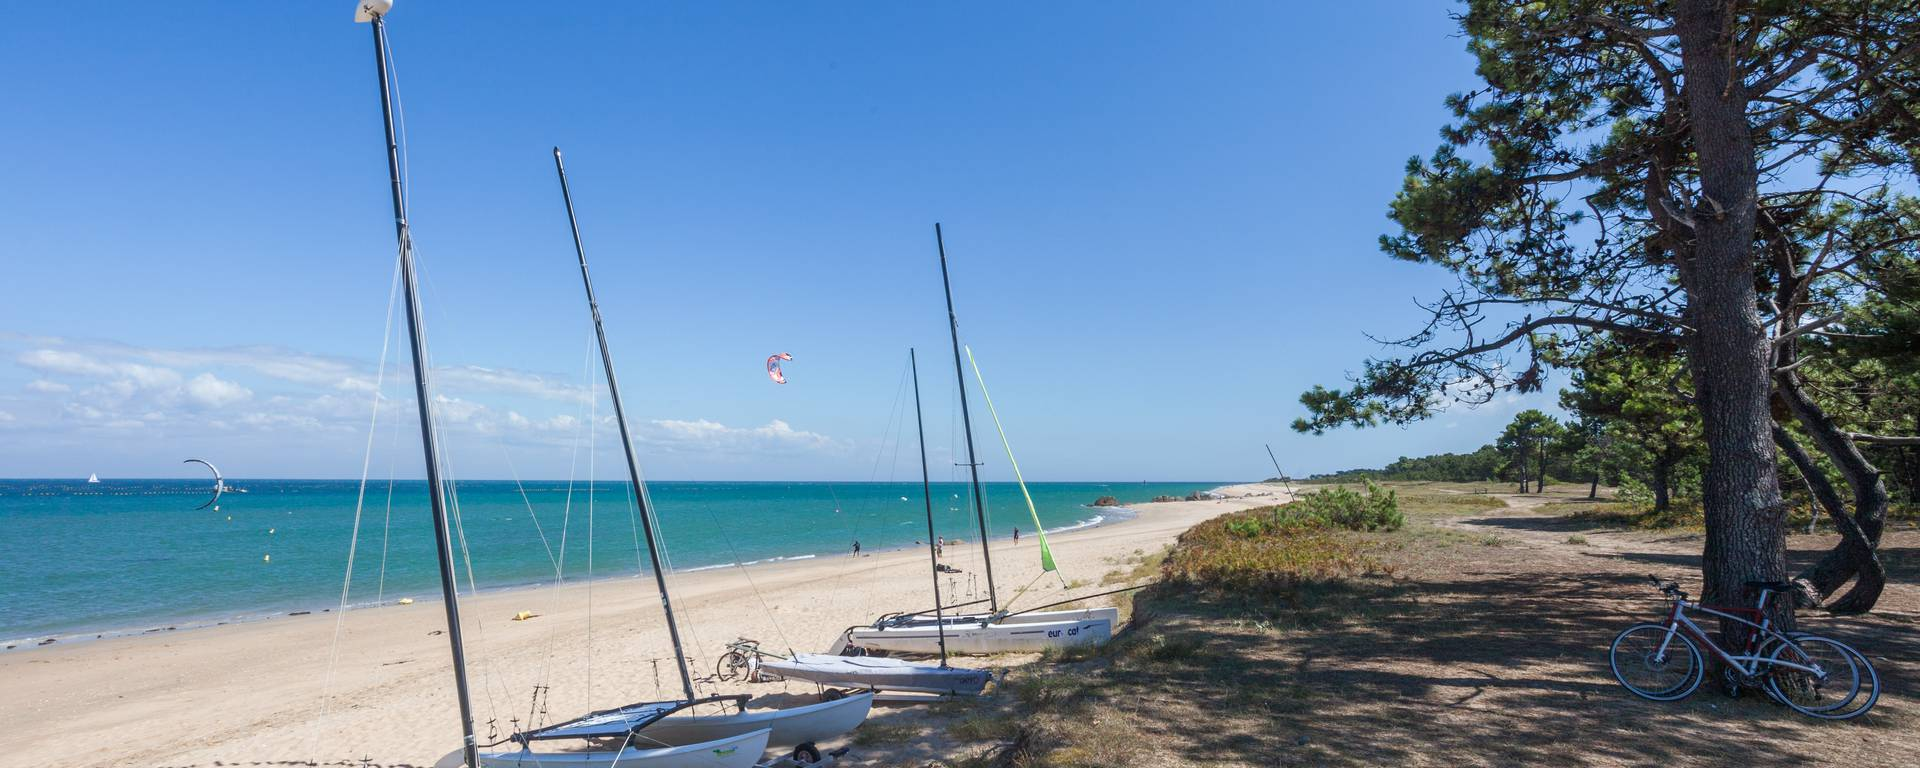 Strand im Nordosten der Ile d'Yeu